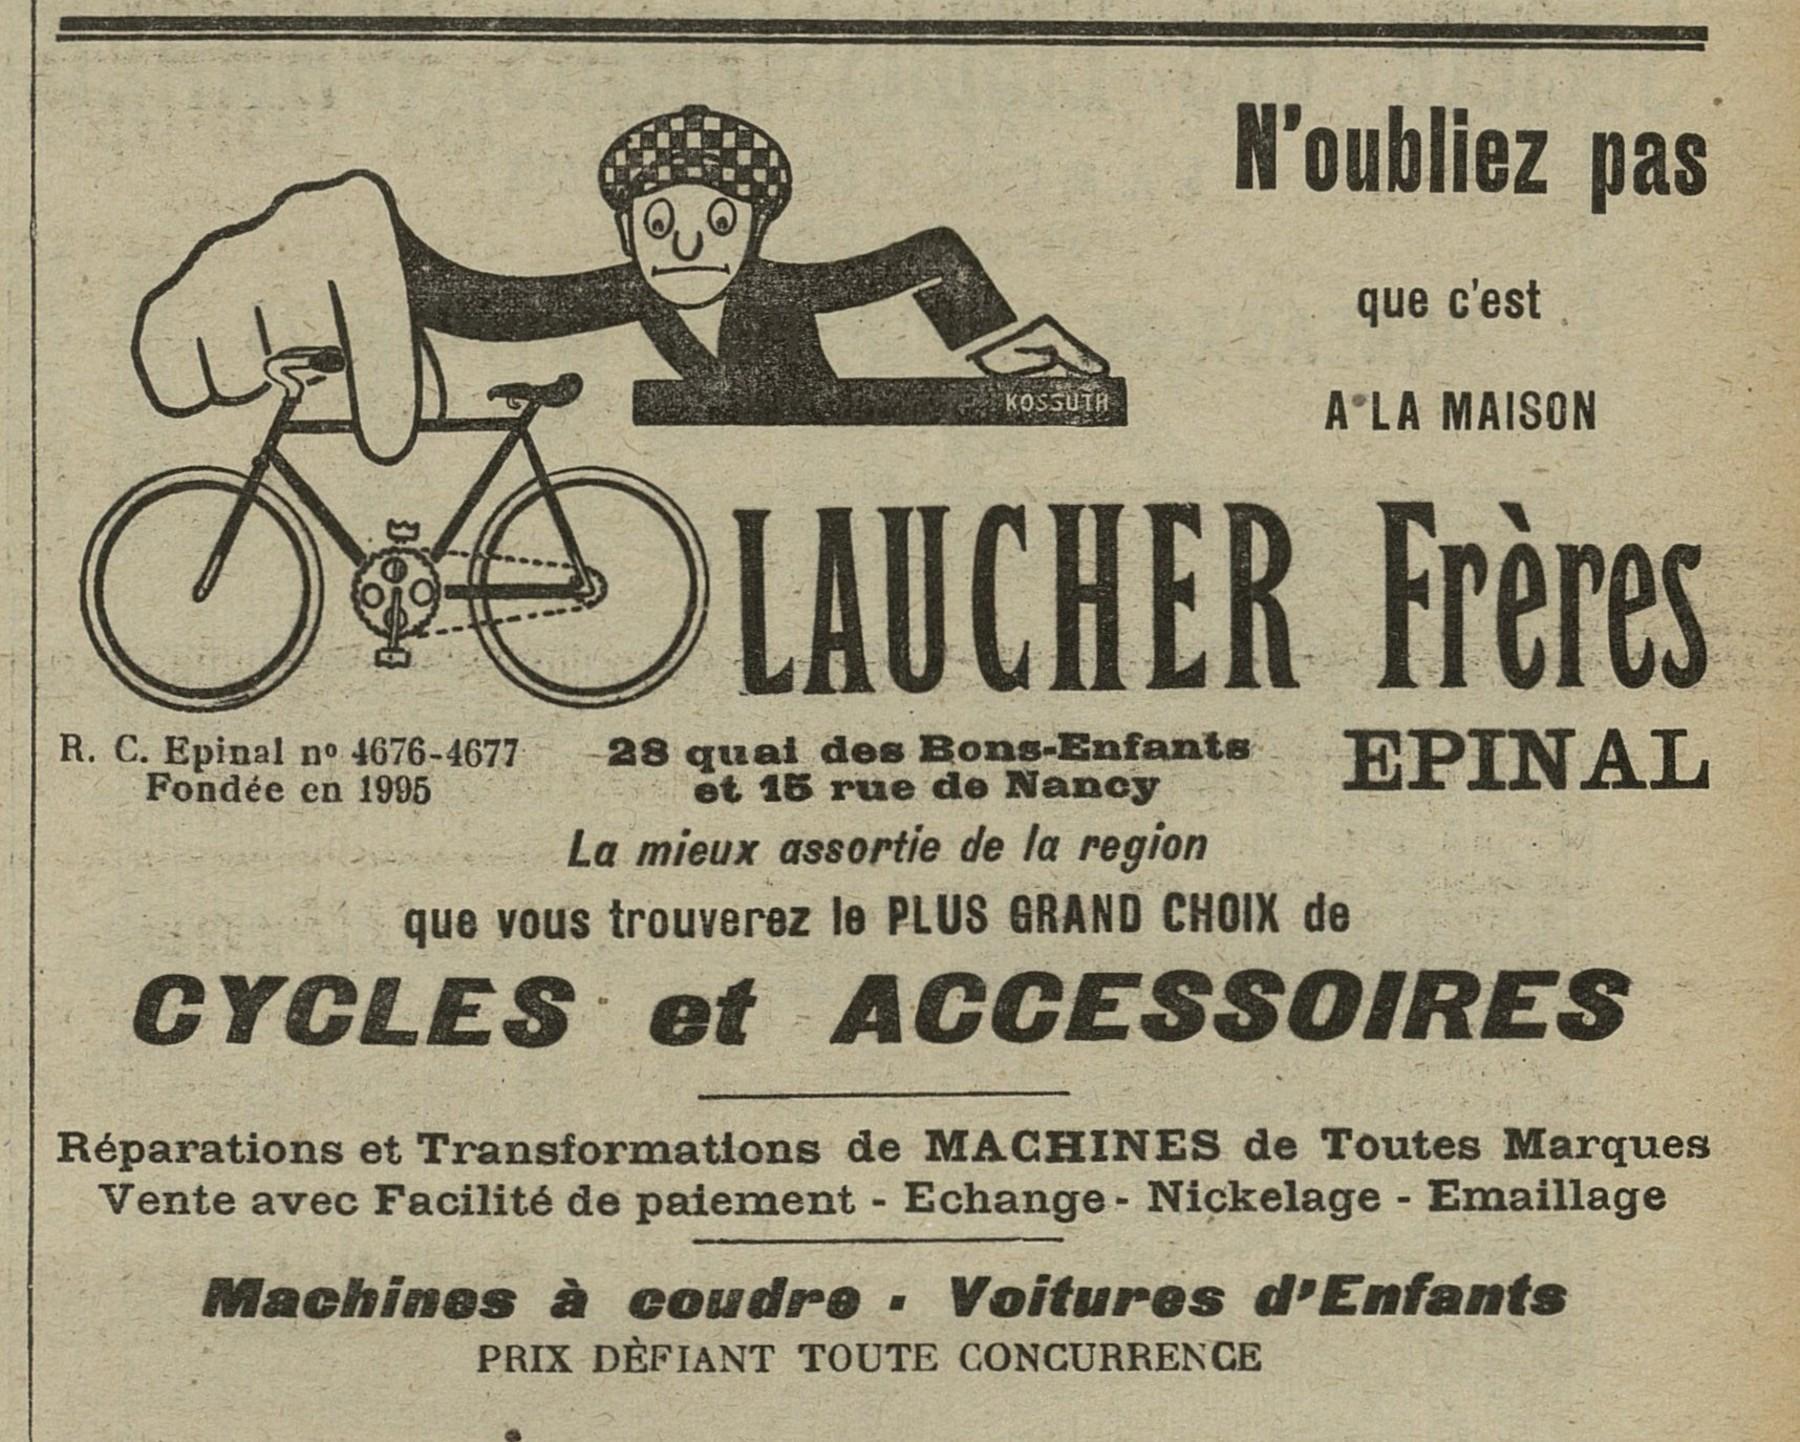 Contenu du Cycles et accessoires Laucher Frères